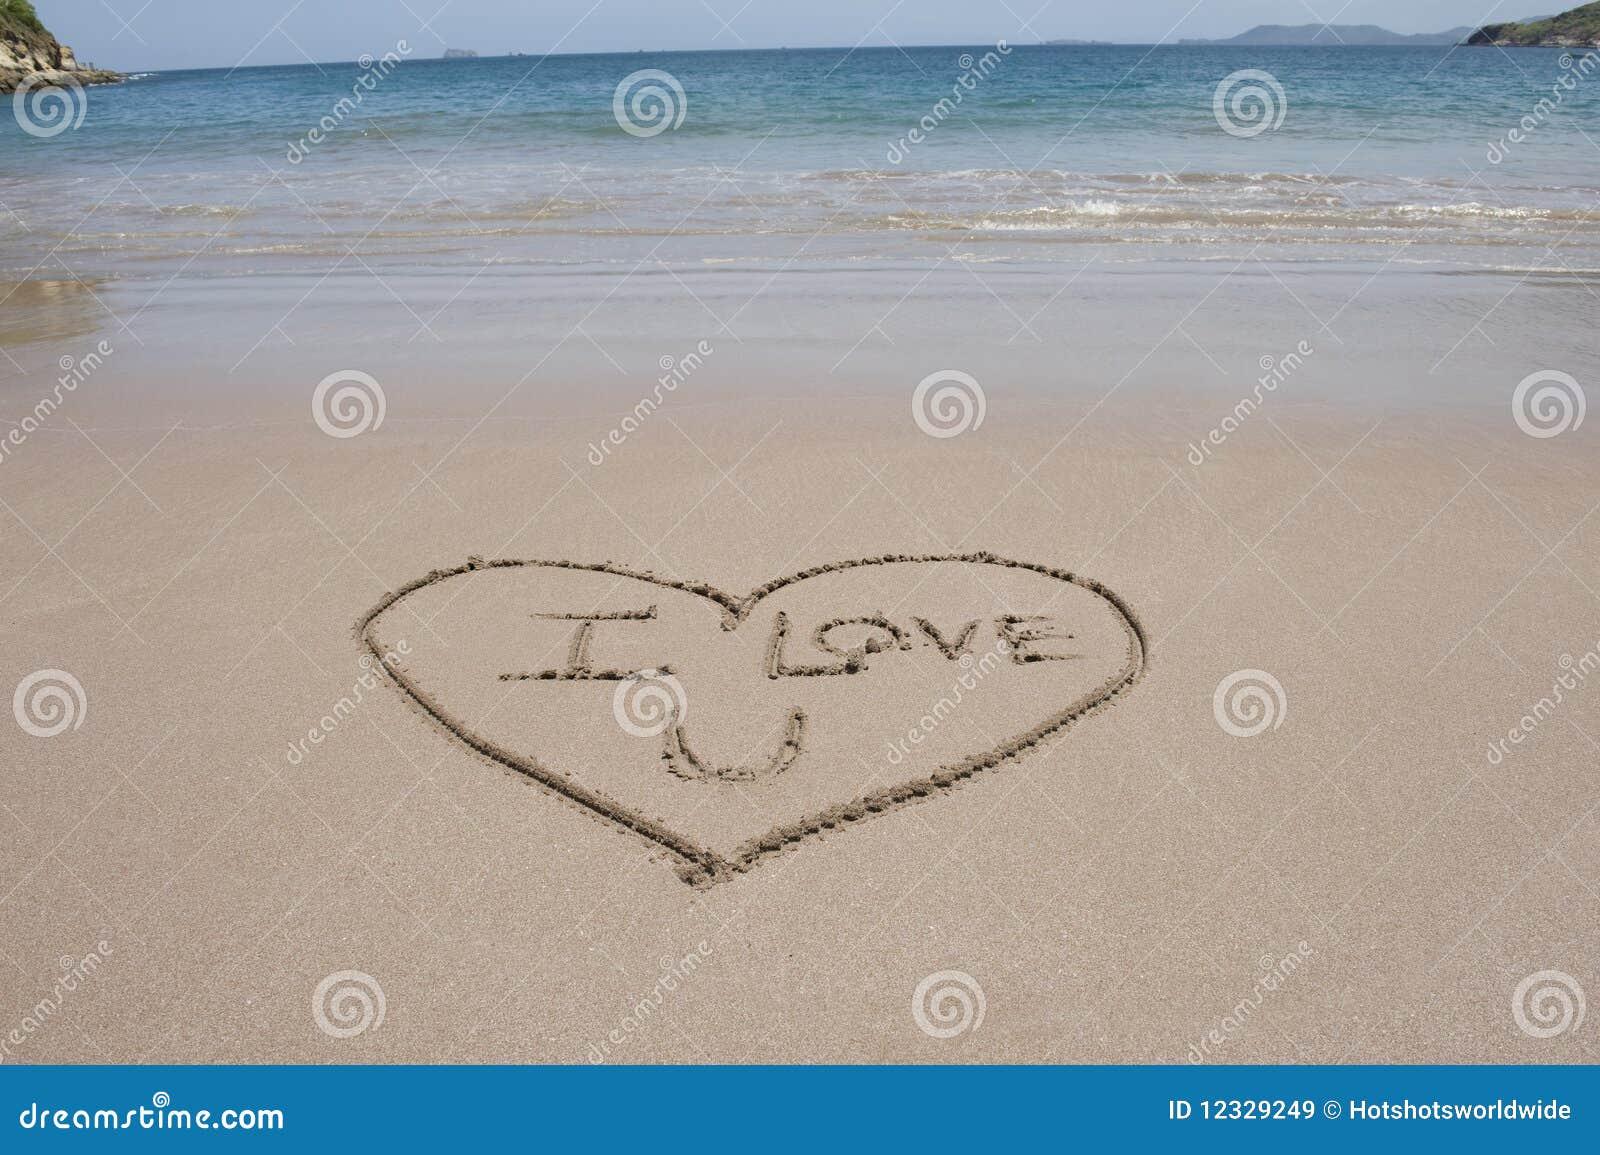 Eu Te Amo Escrito Na Areia Imagens De Stock Royalty Free: Praia Costa-Rica Do Coração Do Amor E Da Areia Das